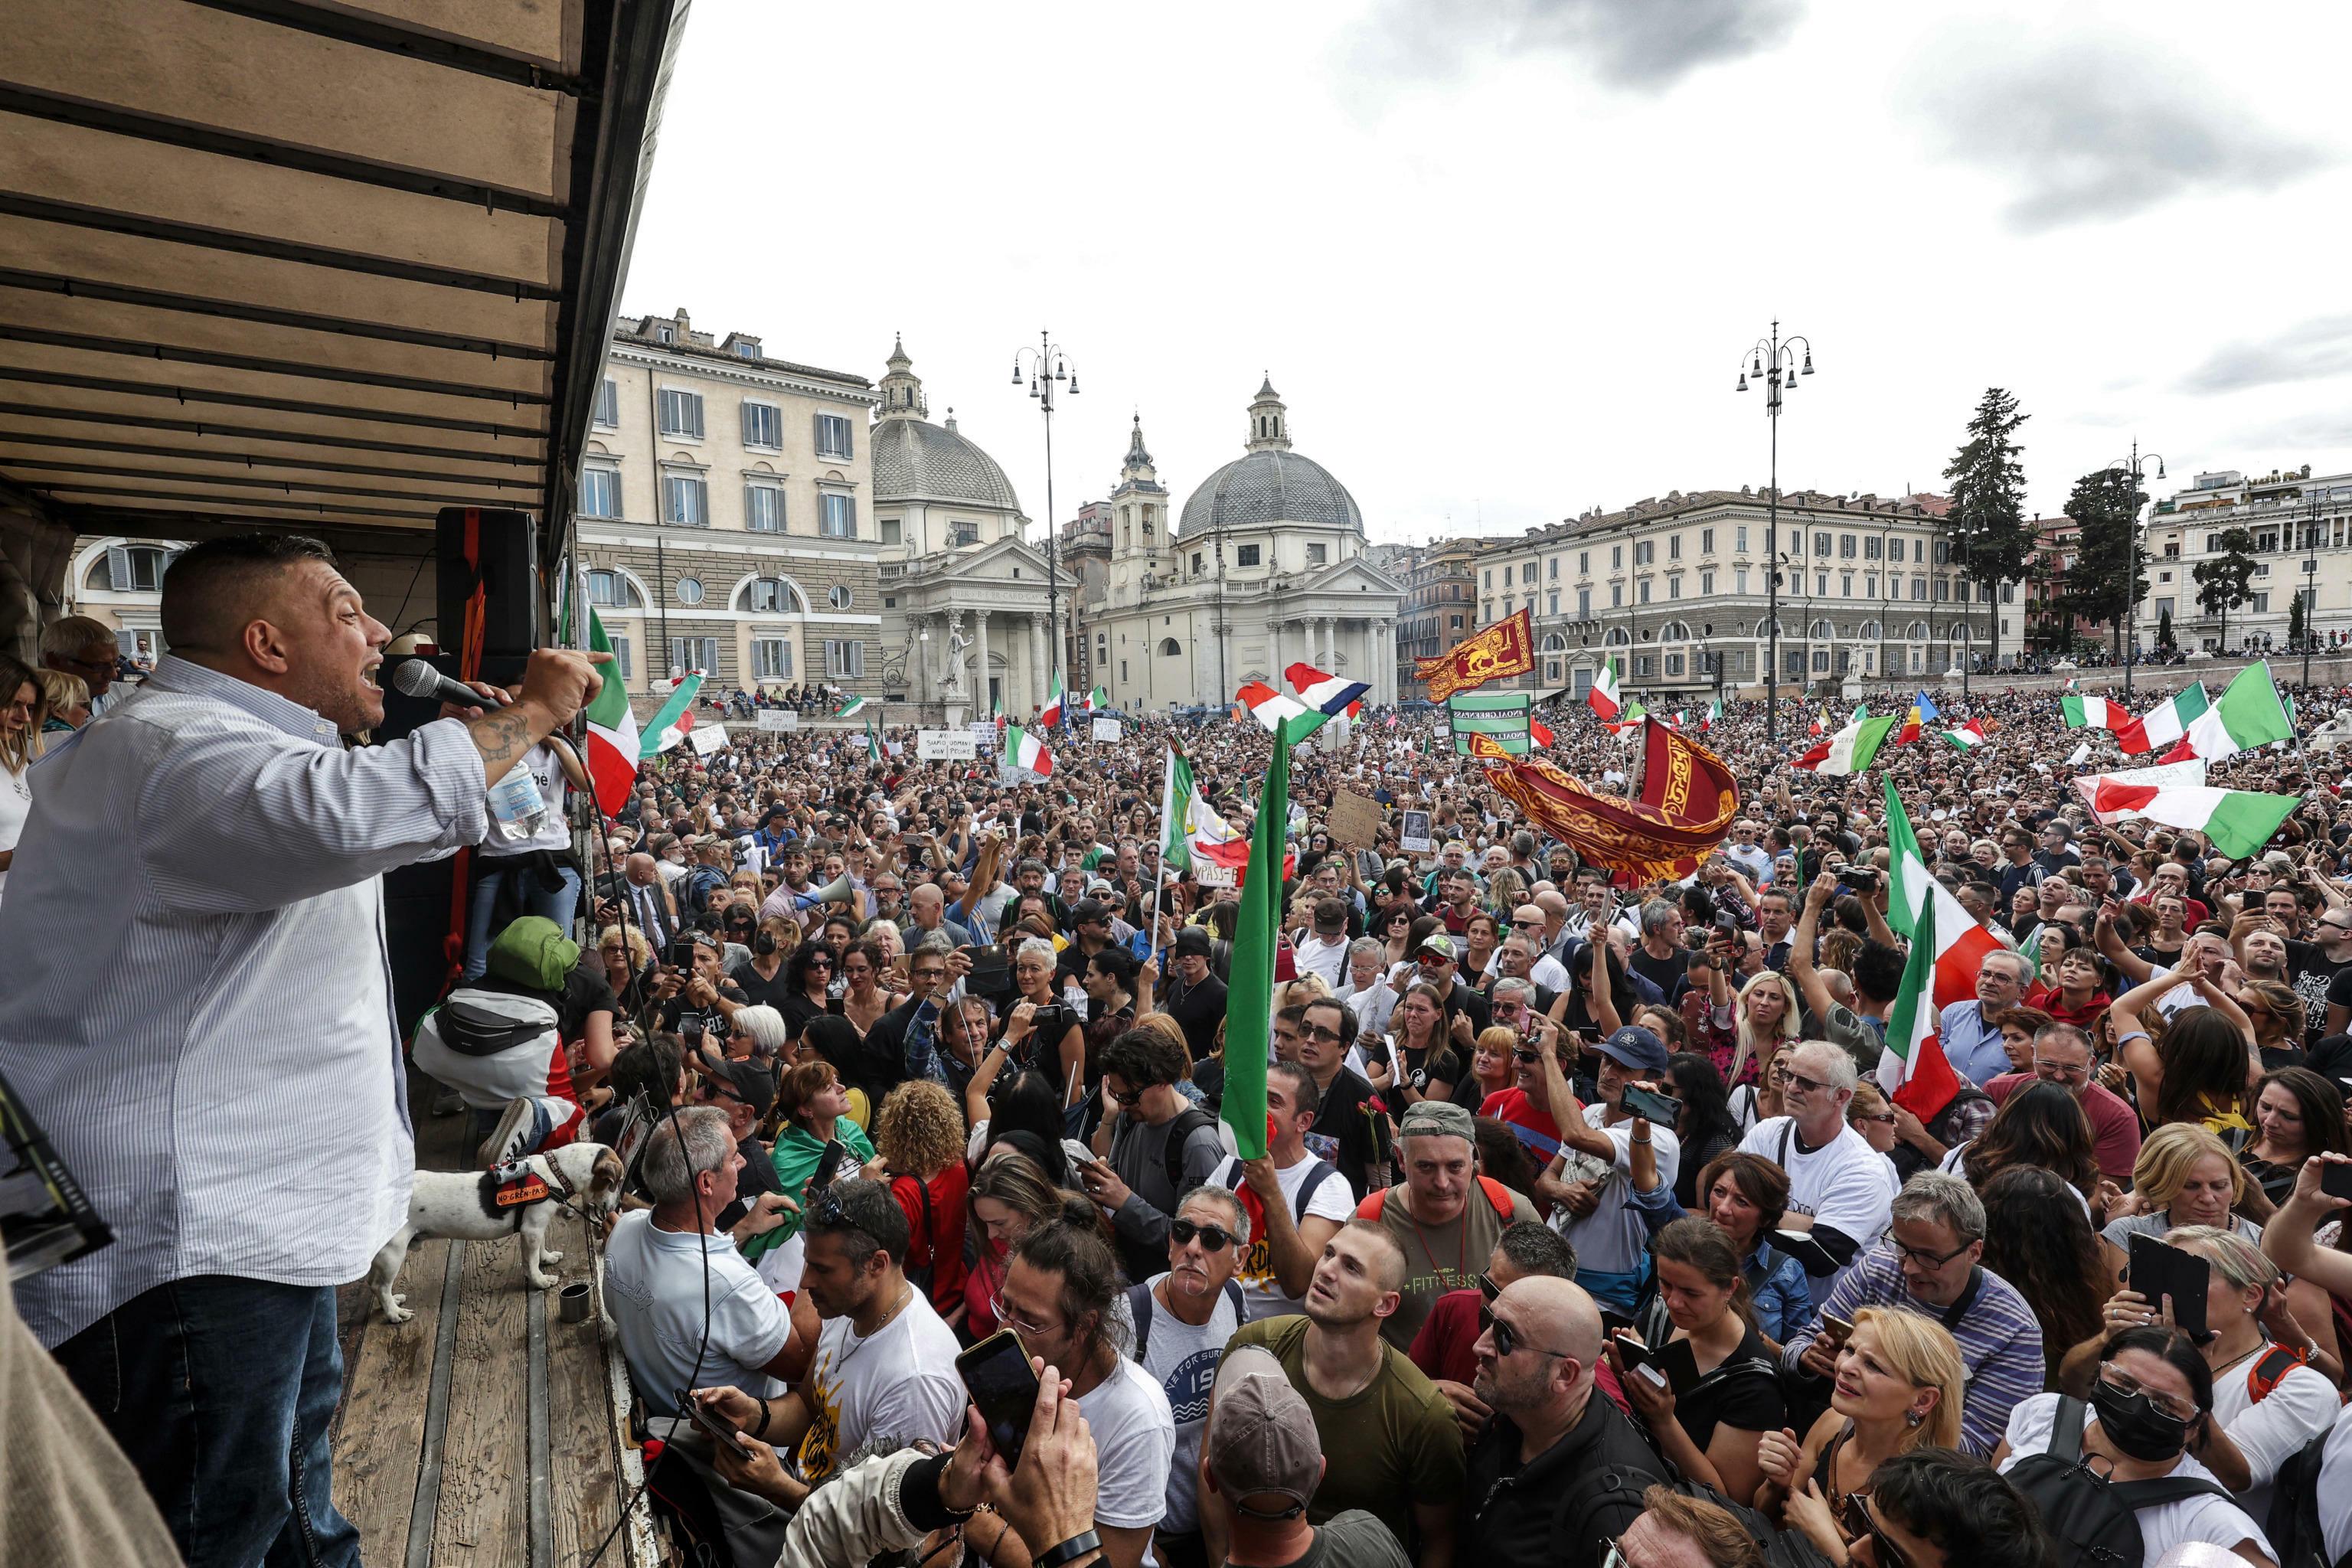 Giuliano Castellino arringa la folla no green pass a piazza del popolo-2